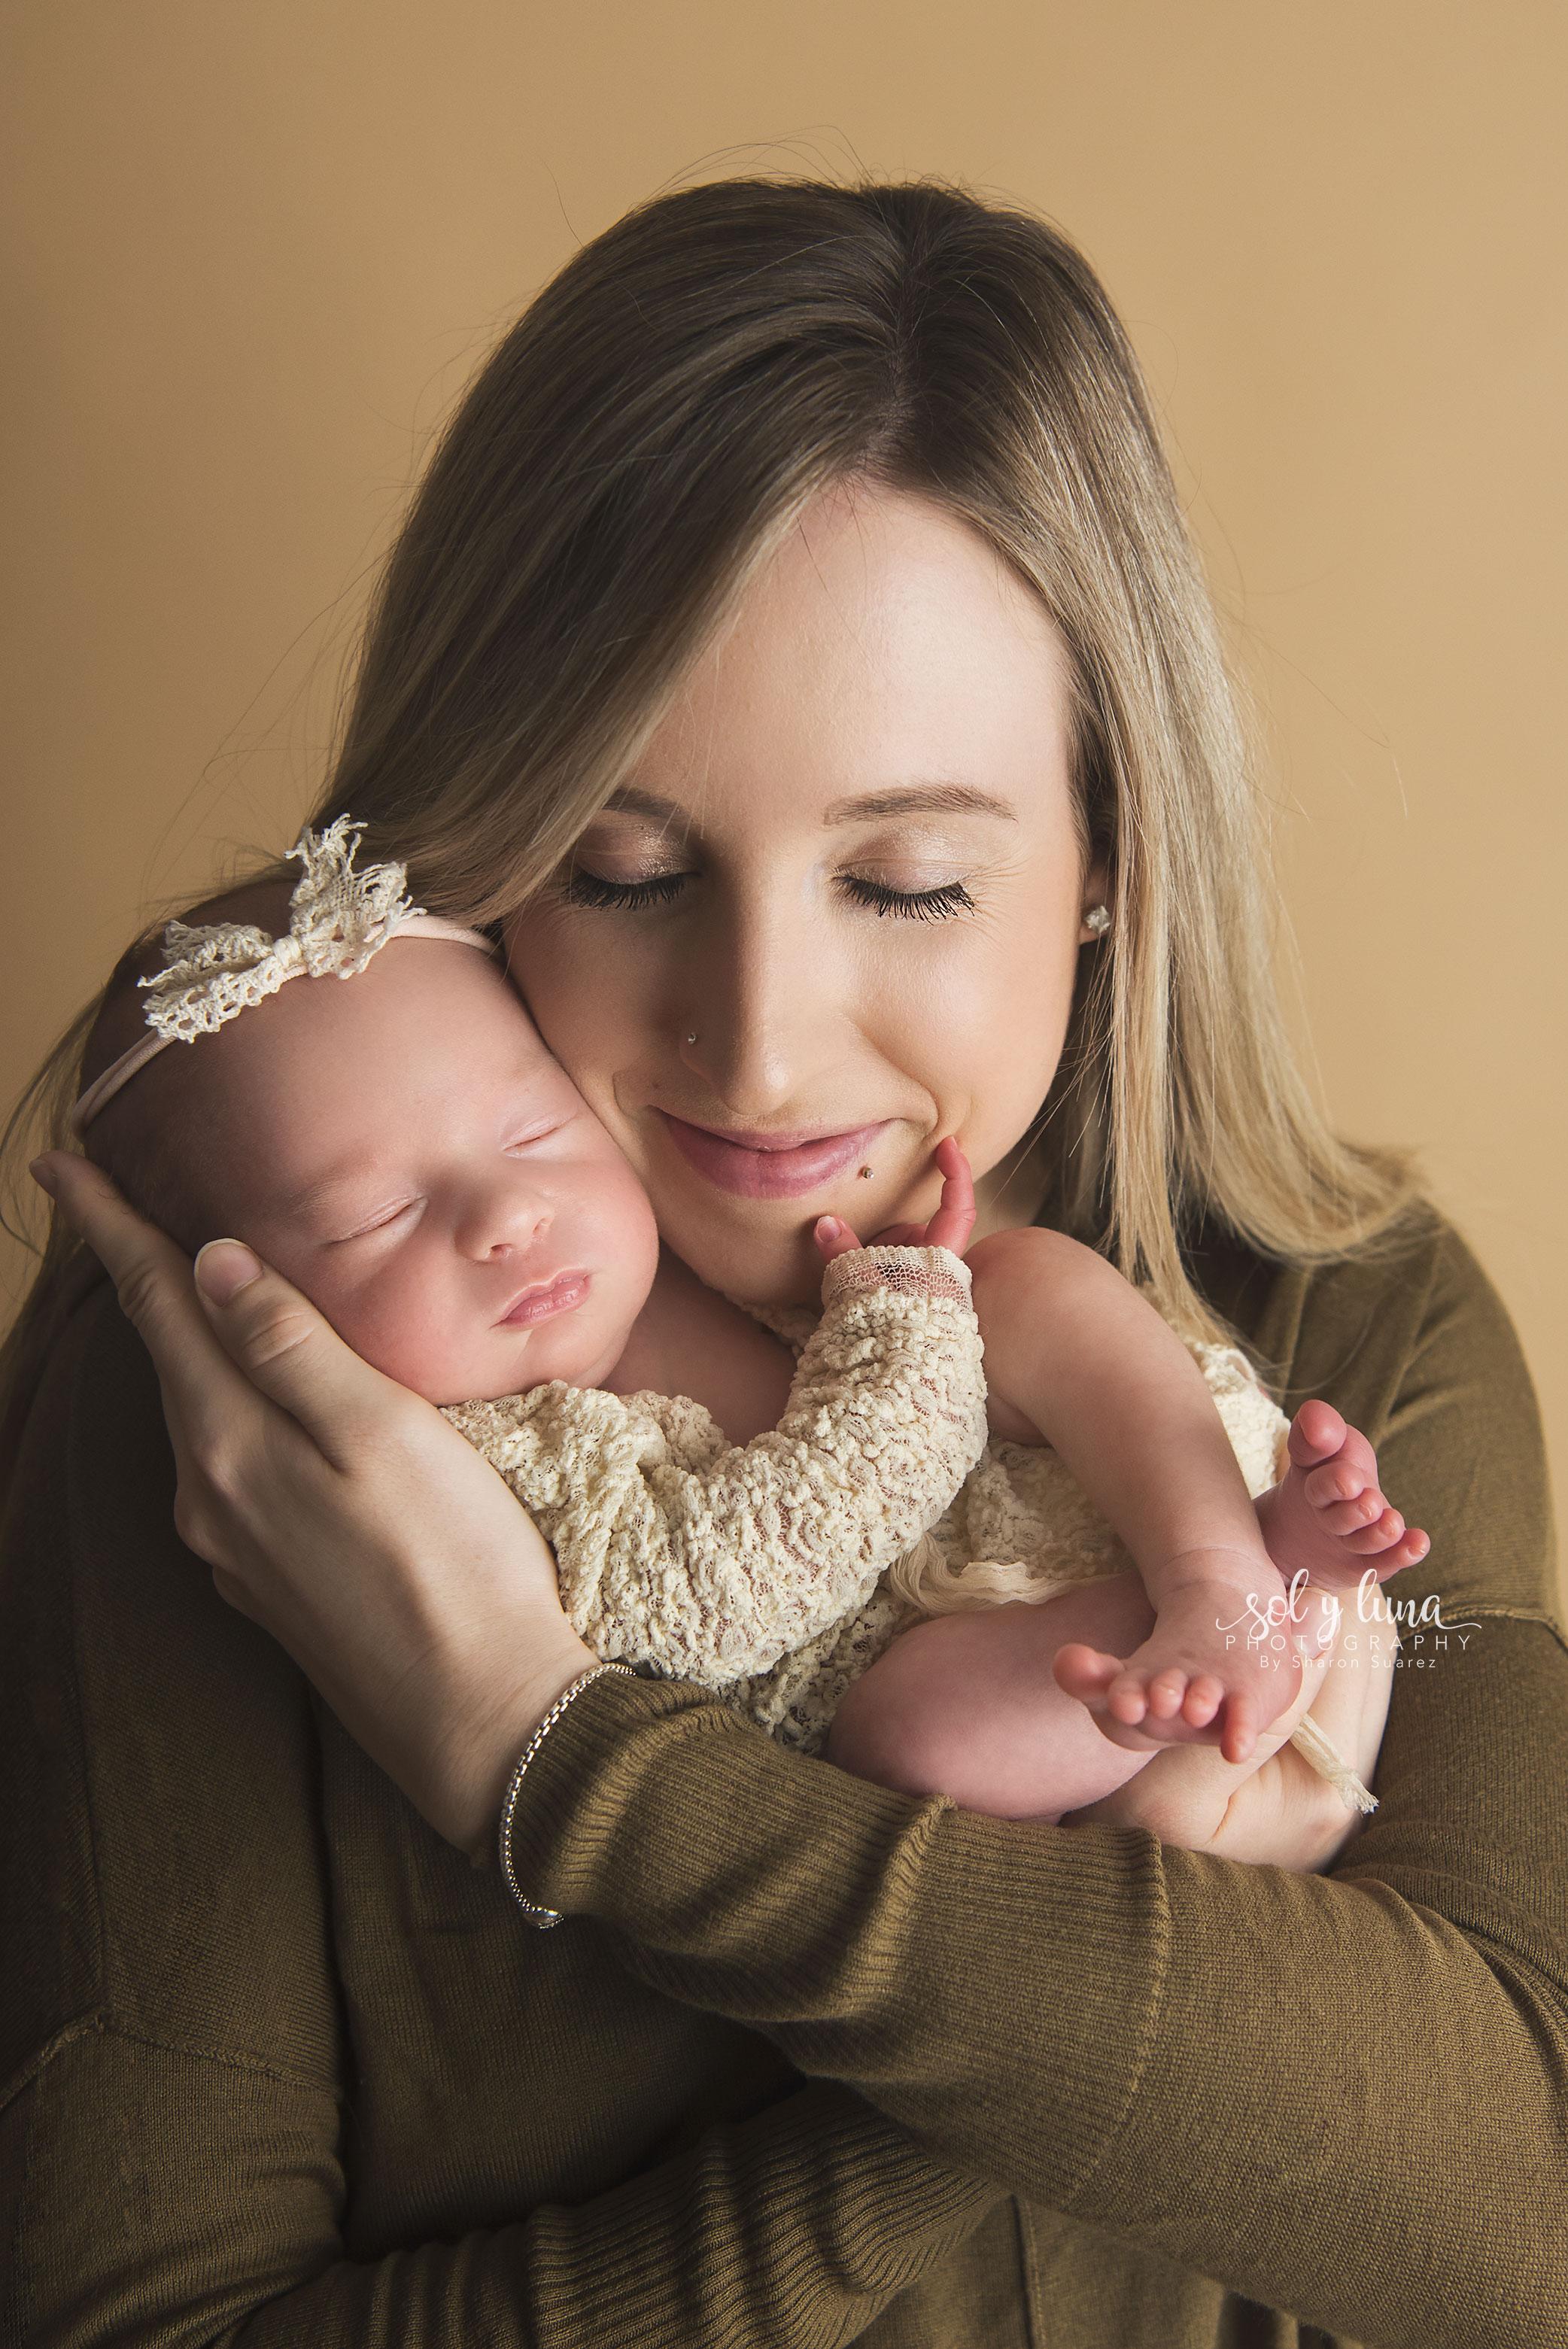 Newborn Fotoshooting Sol y Luna Photography